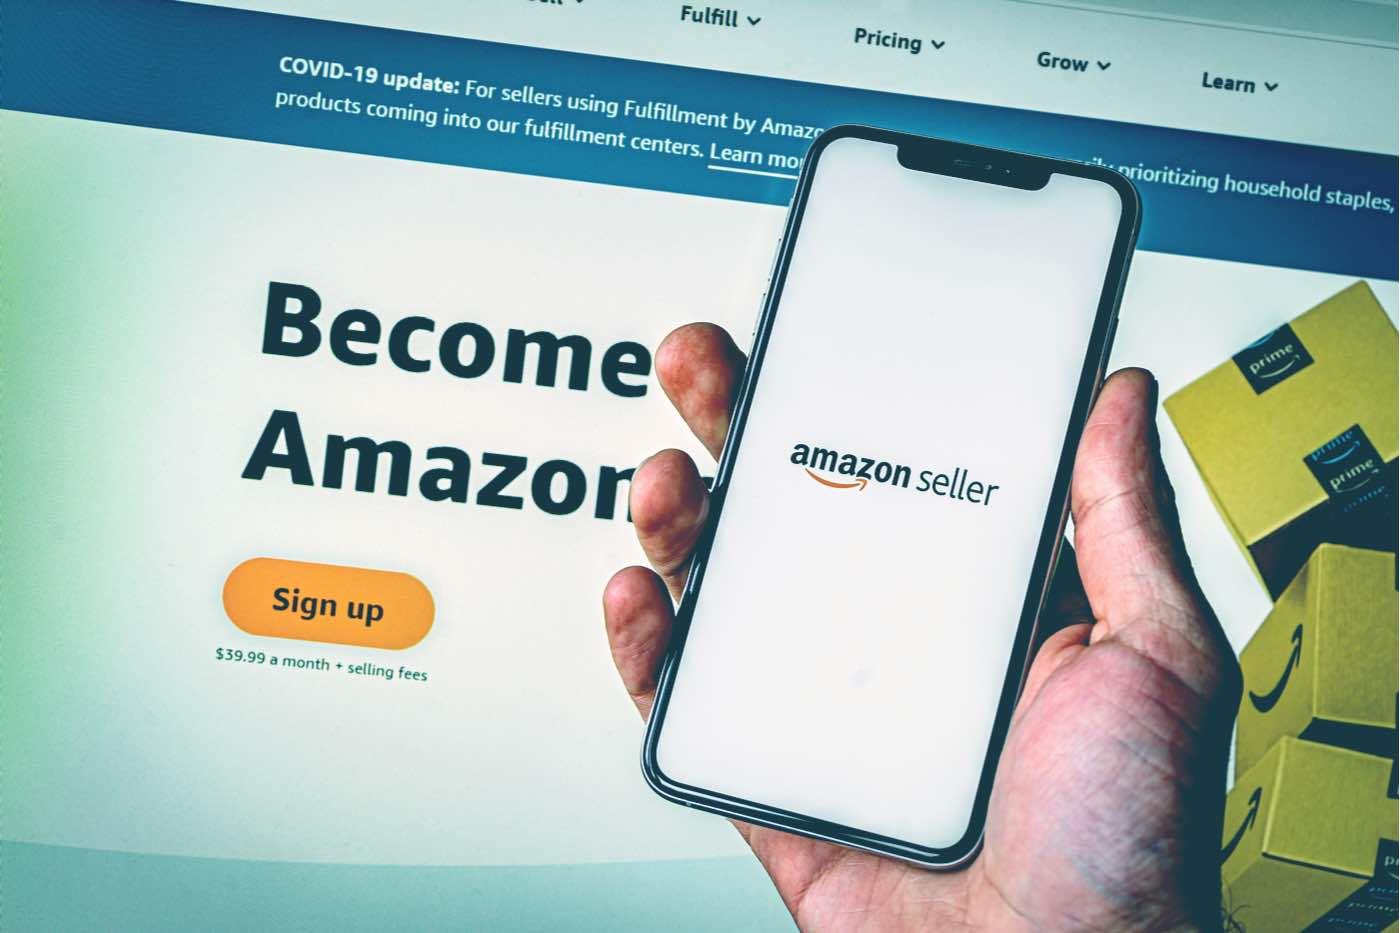 Gastos, cargos, suspensiones de cuenta y más cosas que pueden ir mal en Amazon